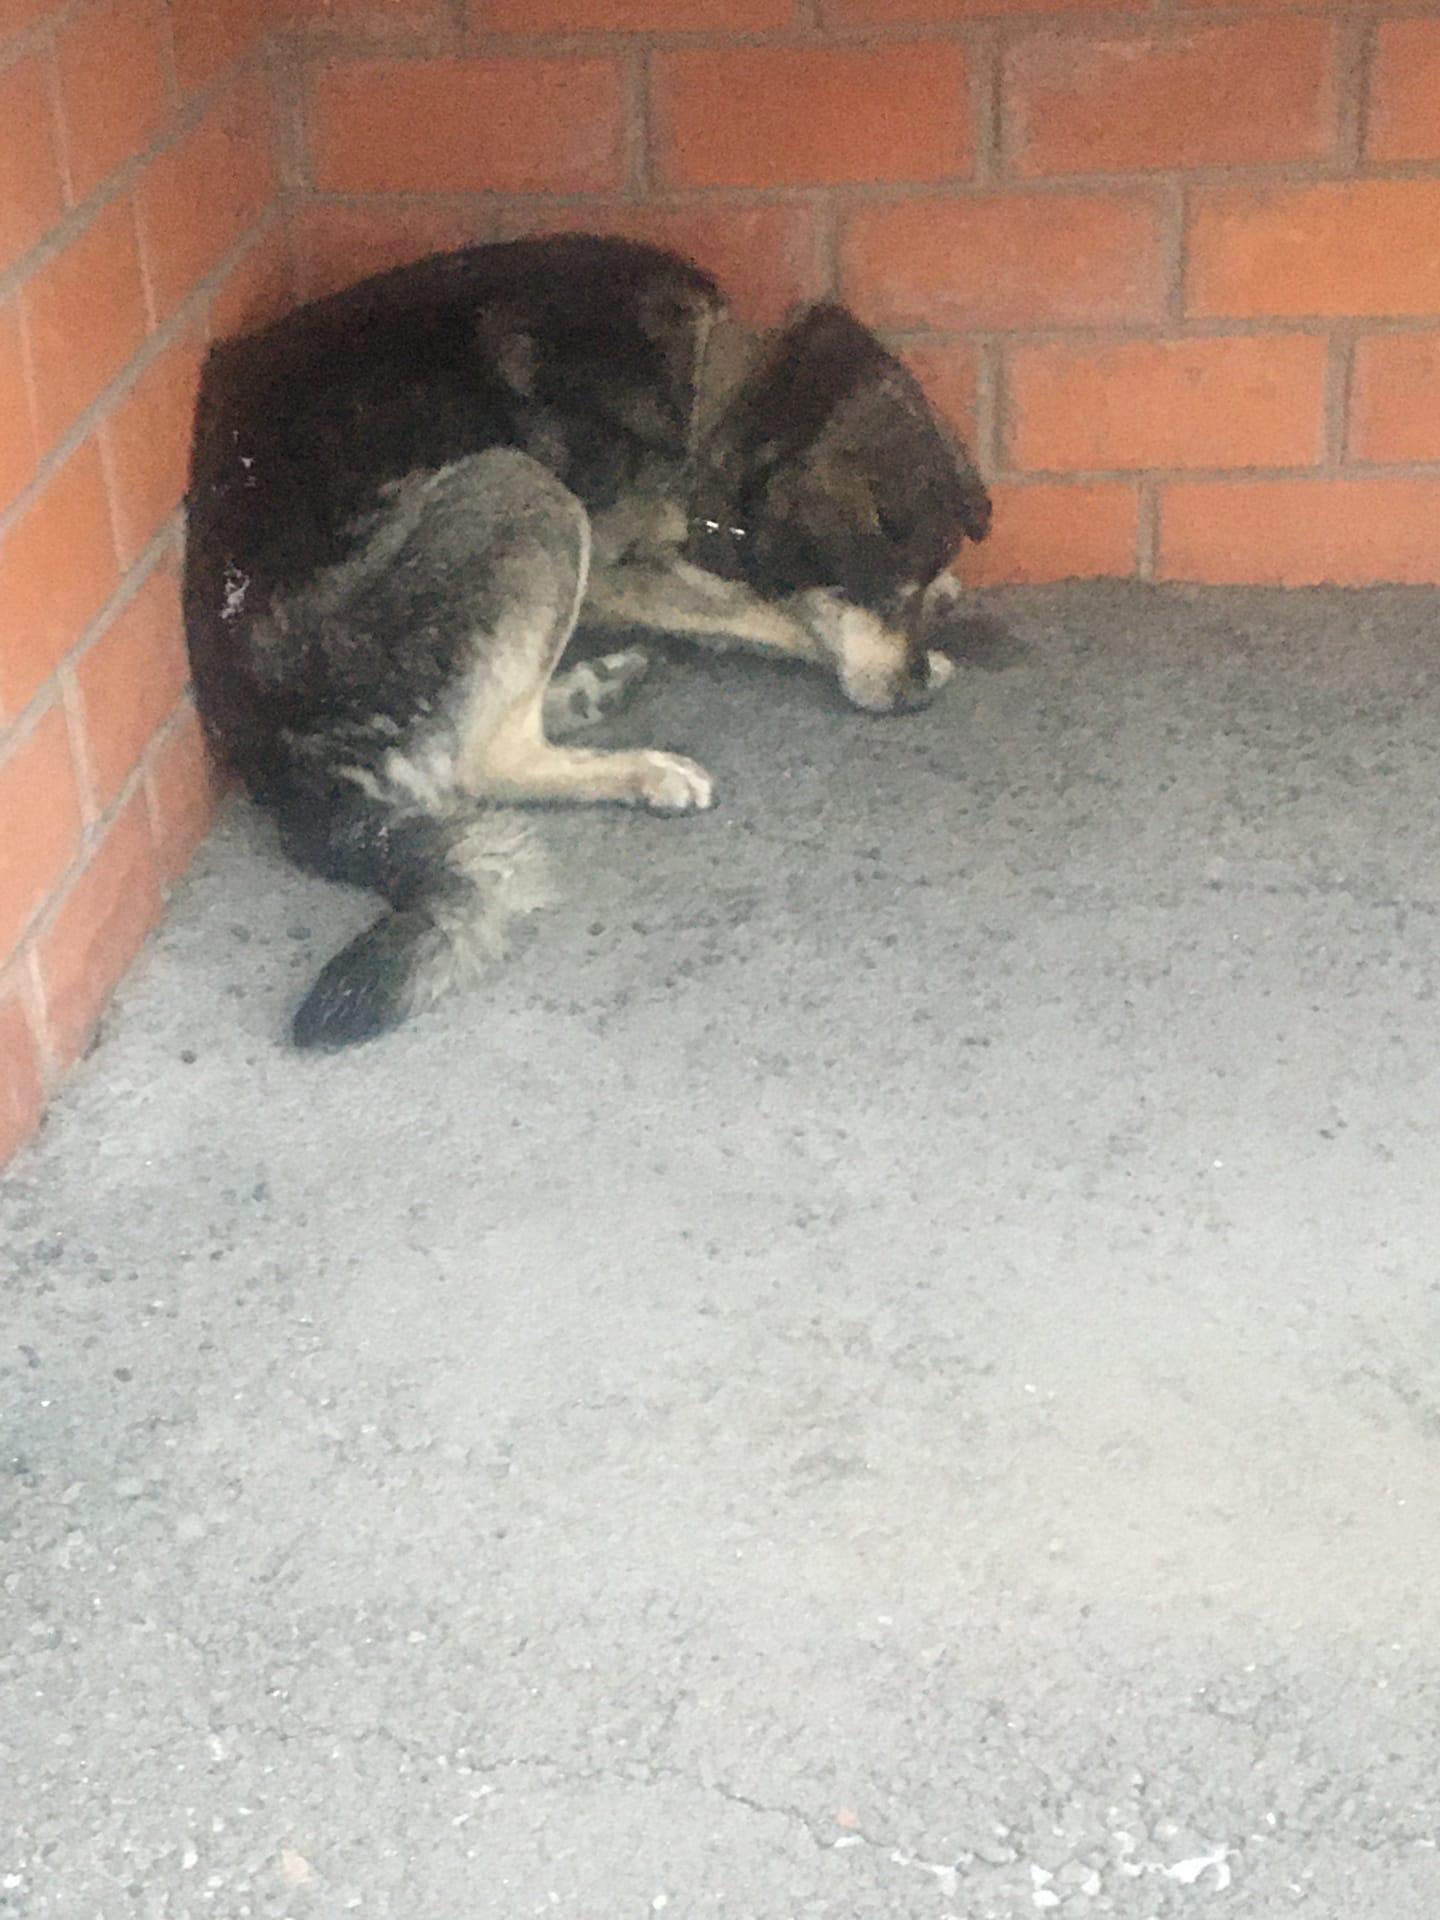 чья собачка замерзшая еле живая отозовитесь, я не знаю чем собачке помочь?